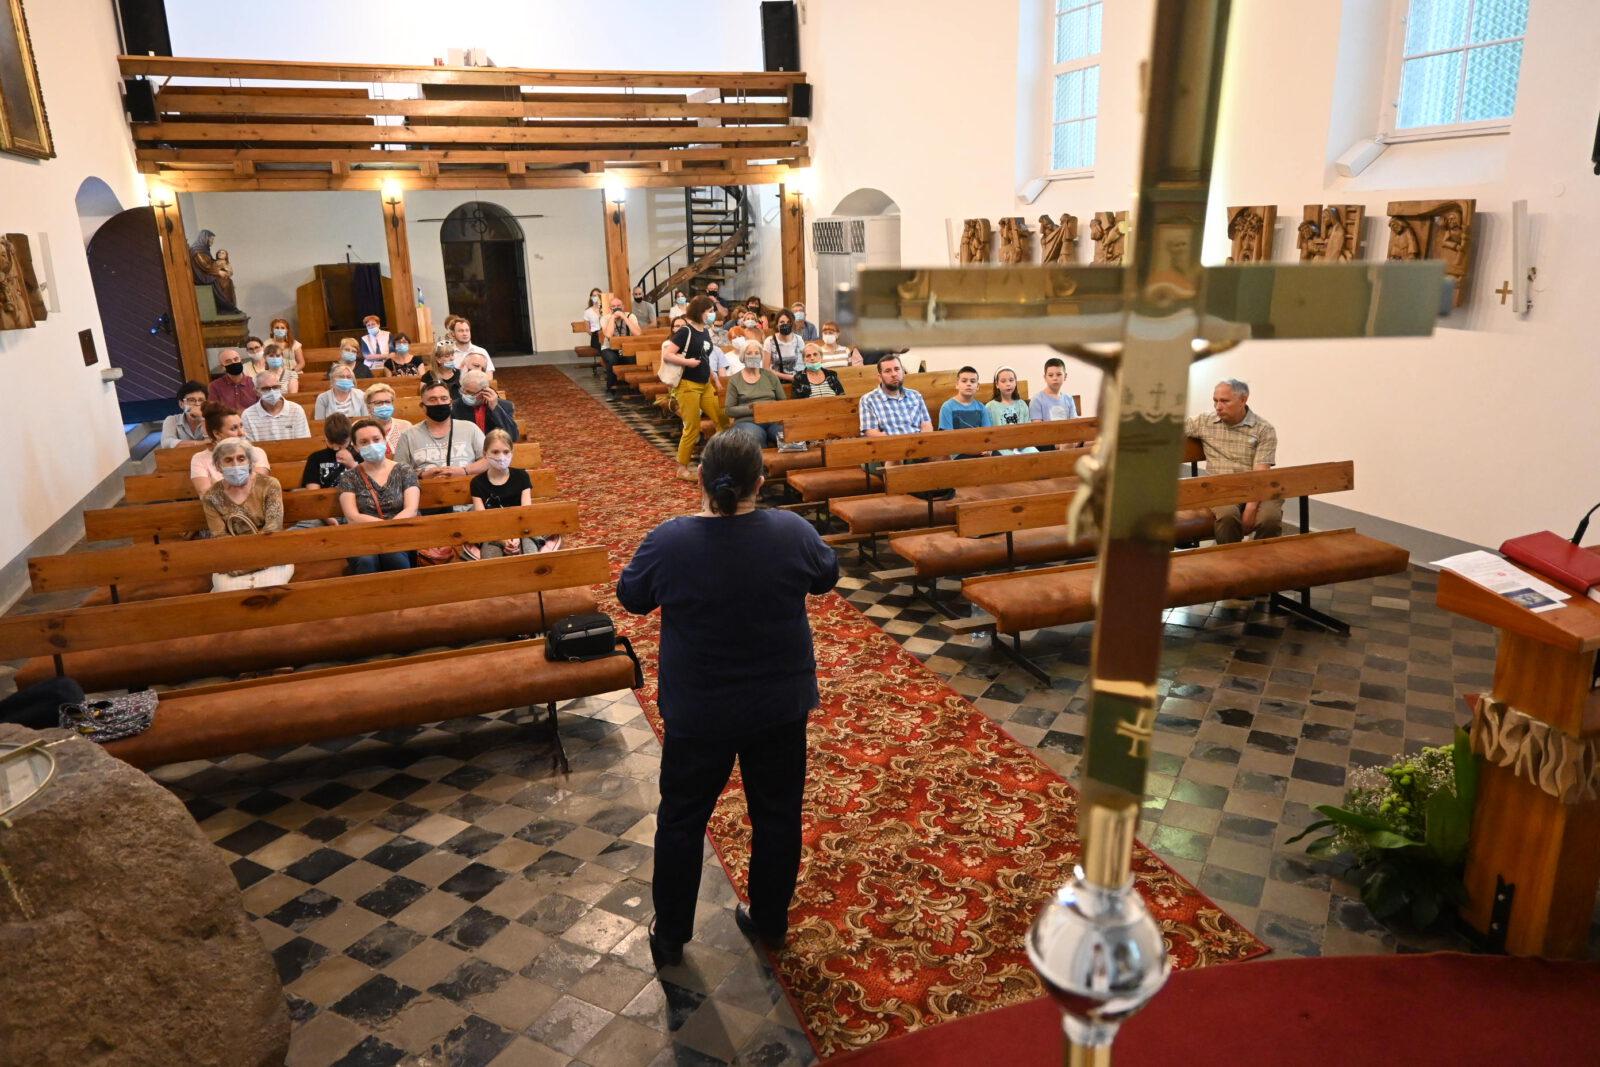 Wnętrze kościoła św. Anny z ludźmi siedzącymi w ławkach.